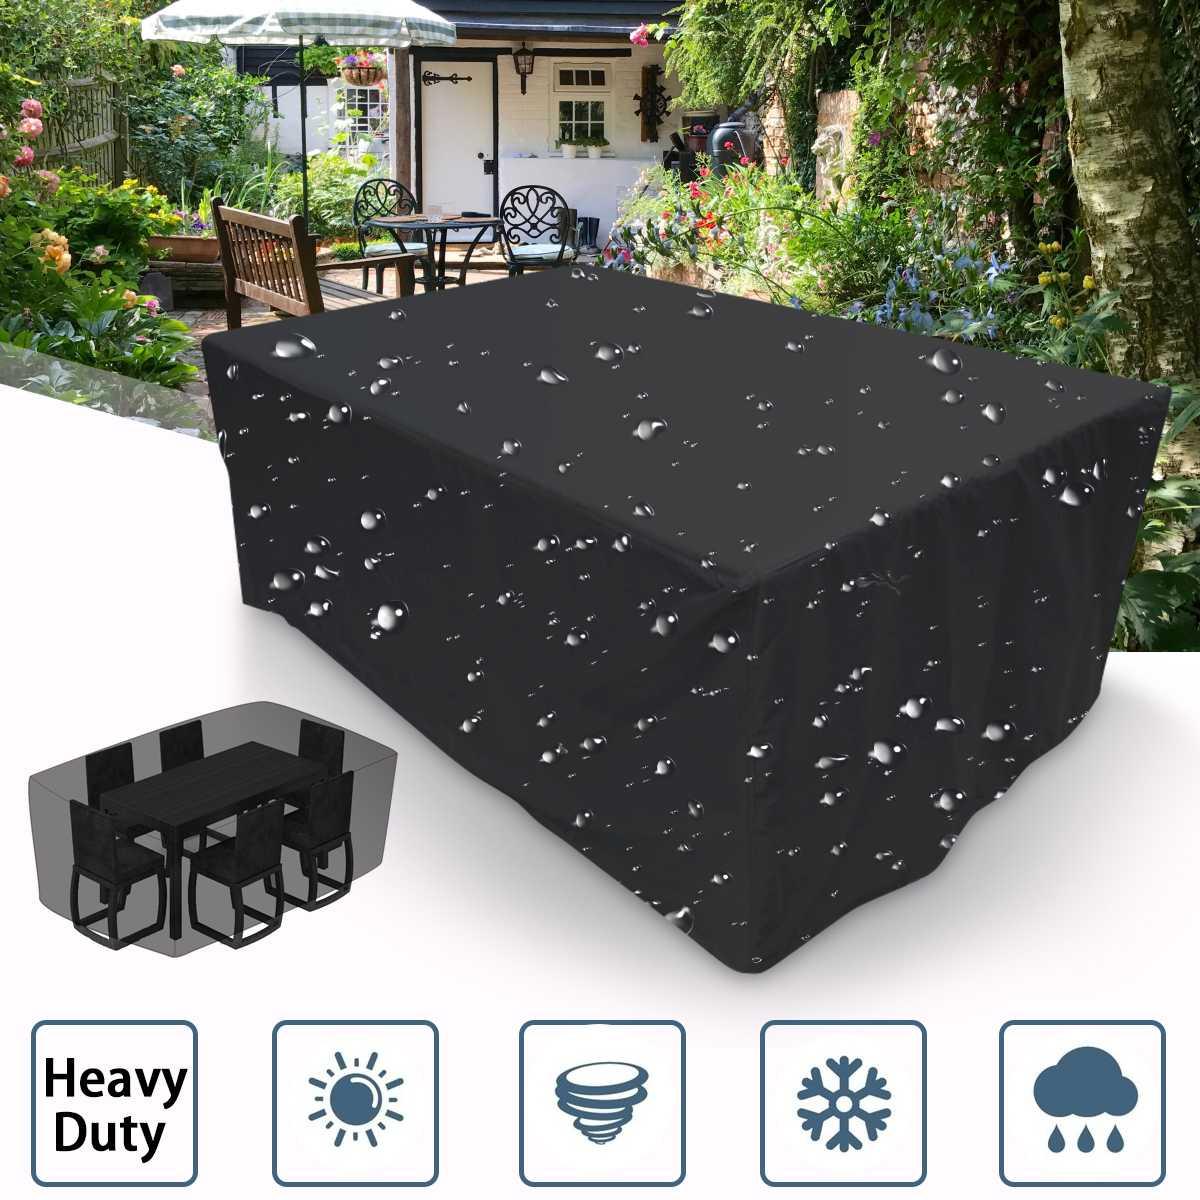 4 Size Waterproof Outdoor Patio Garden Furniture Covers